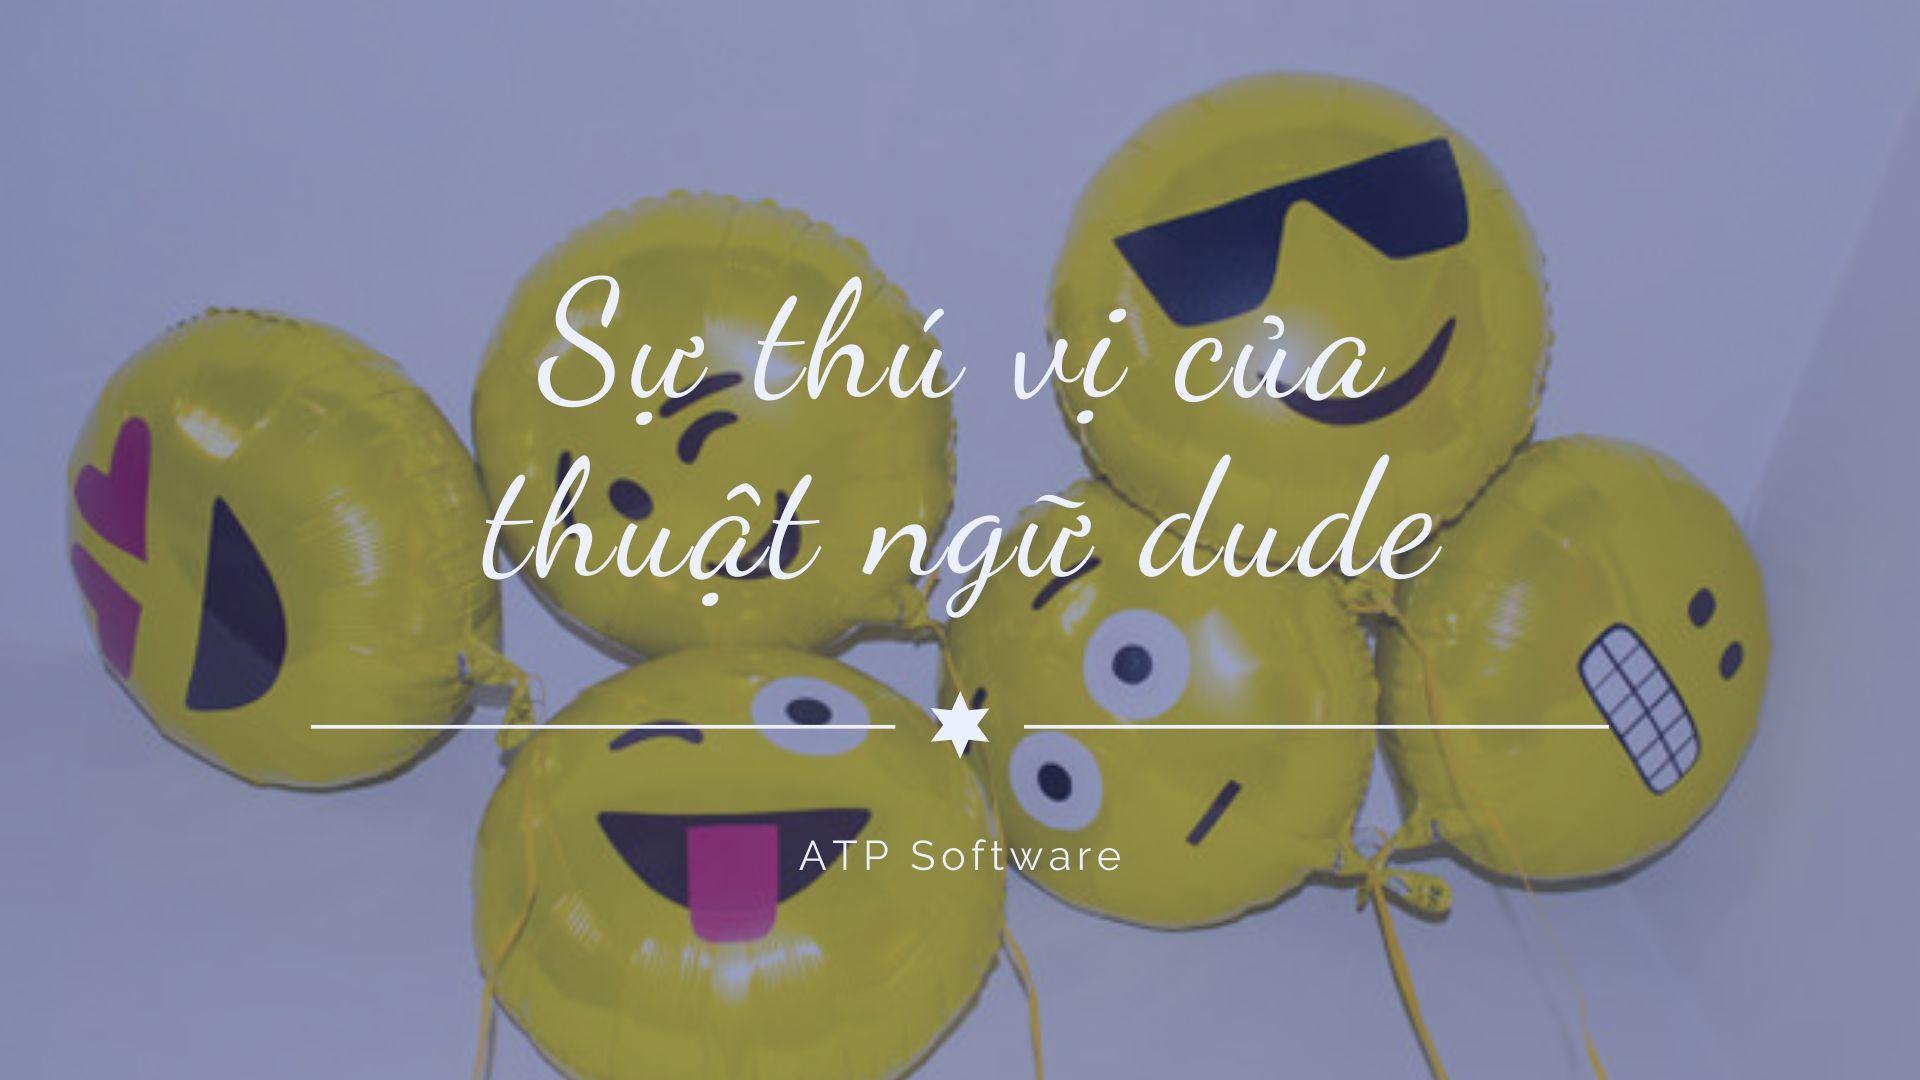 Sự thú vị của thuật ngữ dude